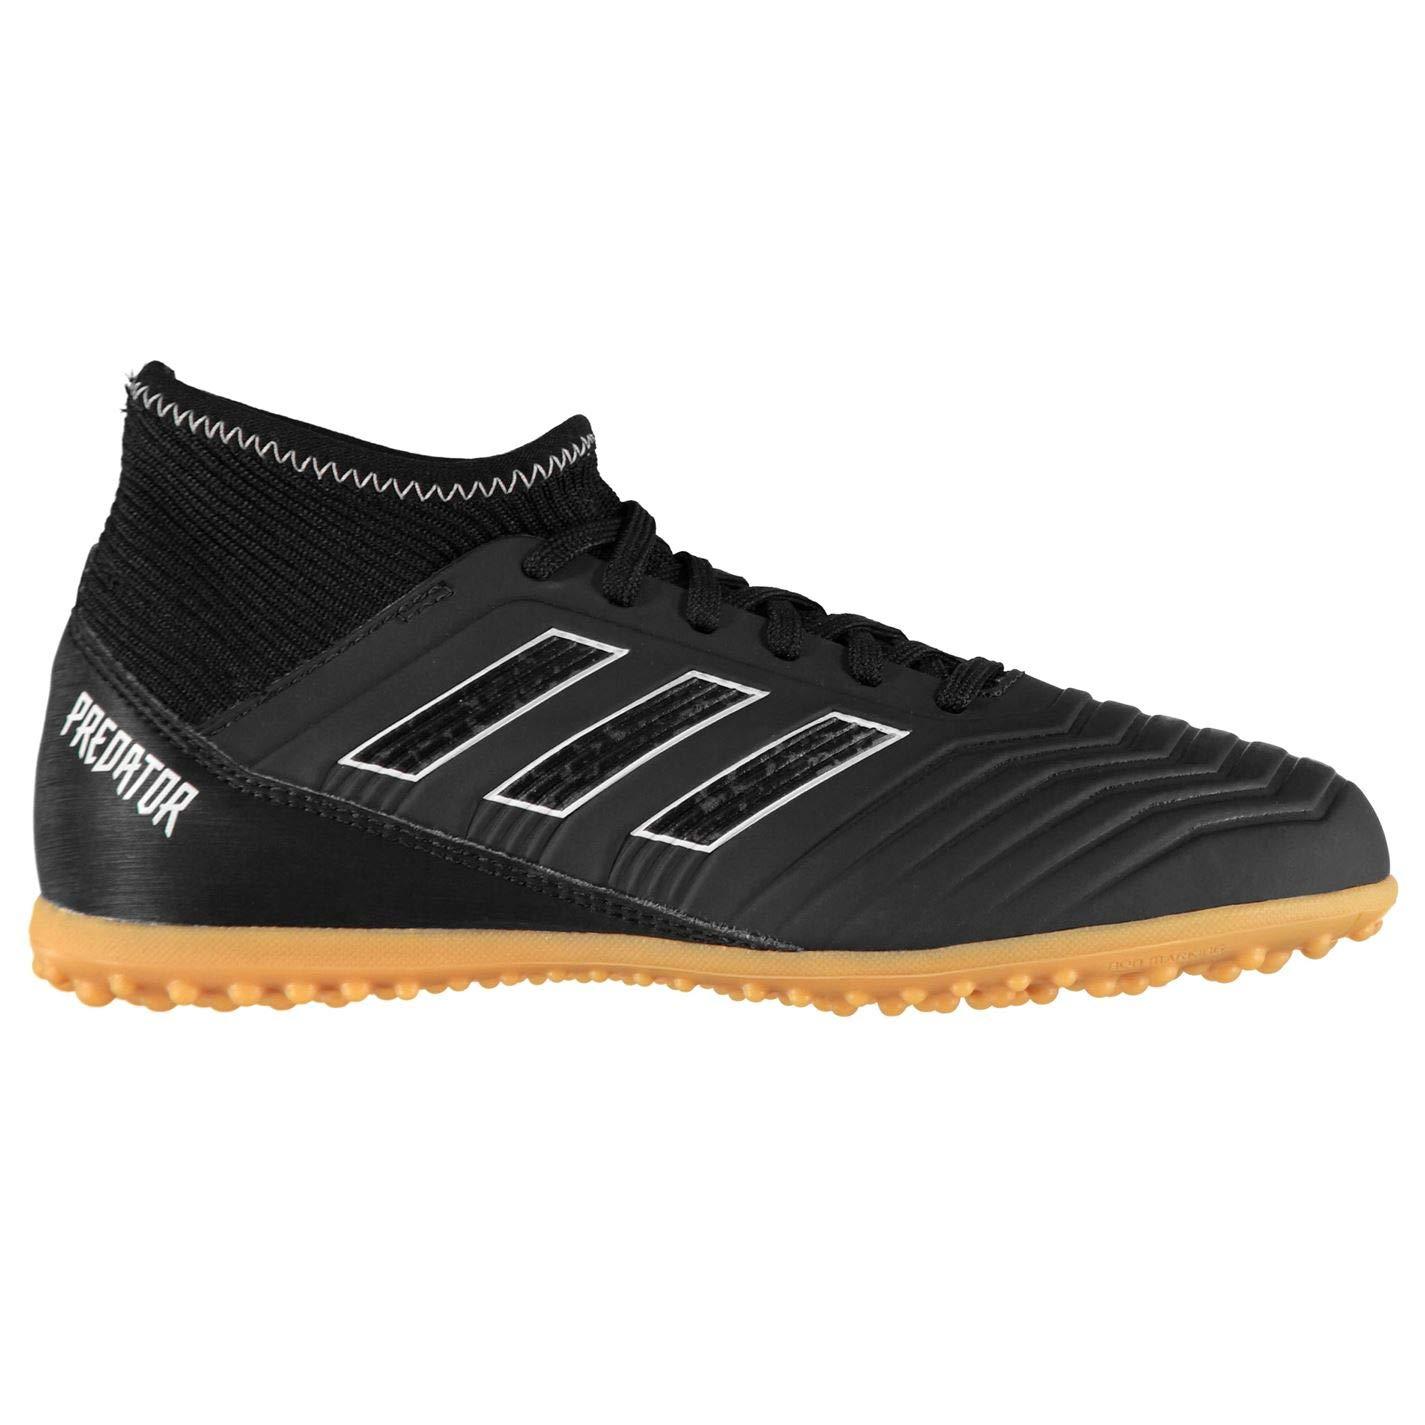 m. / mme eacute; adidas unisexe enfants & eacute; mme prédateur tango 18,3 tf j chaussures de foot élégant et sturdy repas bon marché de la mode hr15488 polyvalent de chaussures d60783